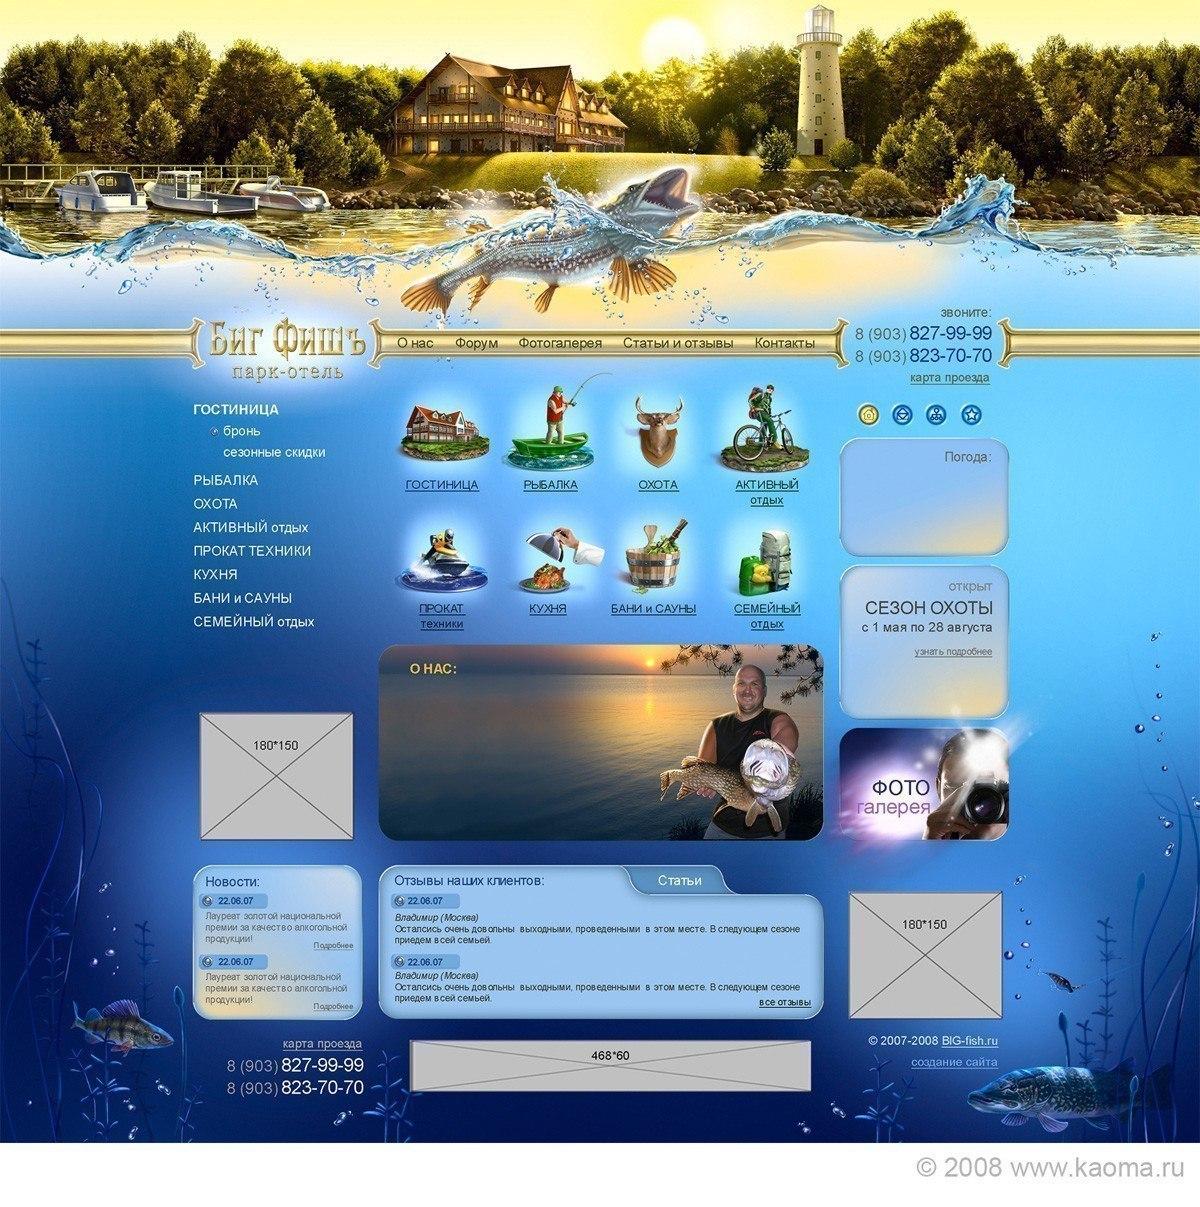 Дизайн картинок для сайта